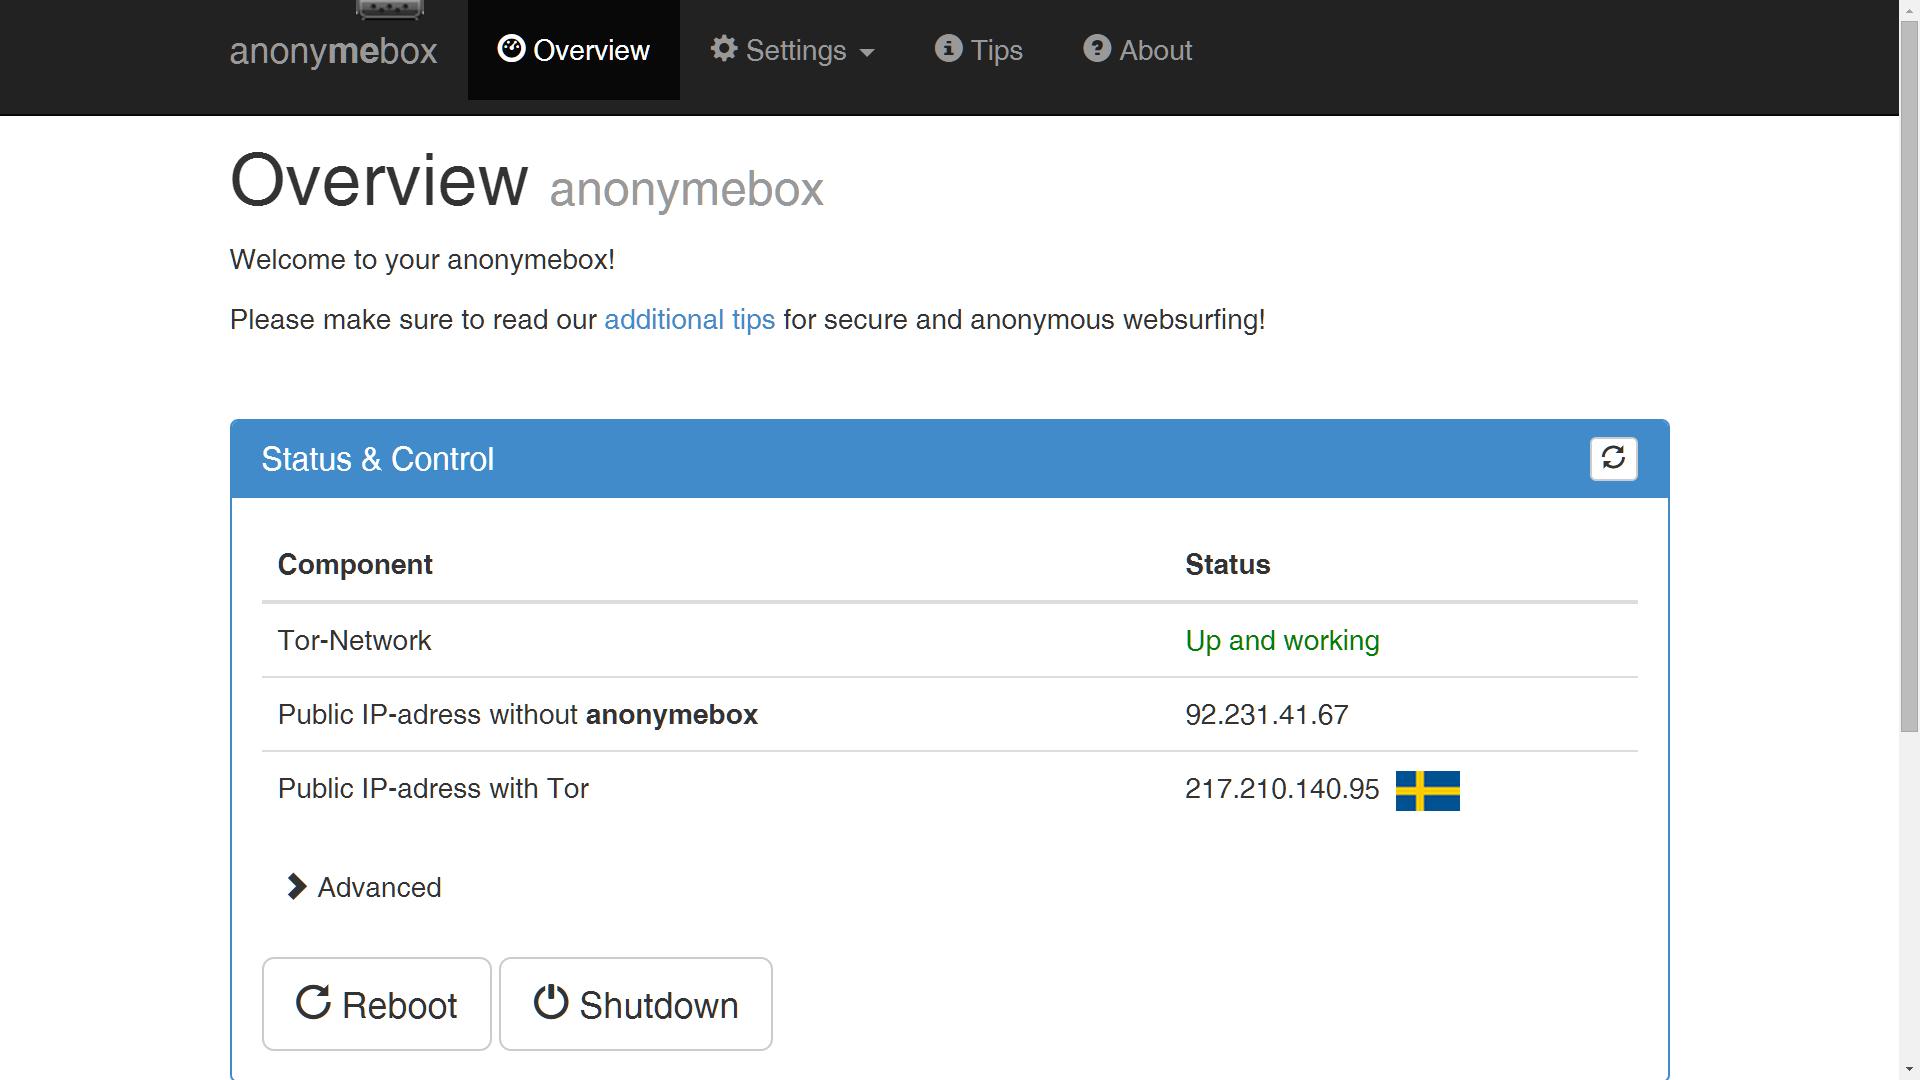 anonymebox anonymisierungslösung anonym surfen Hardware Webinterface